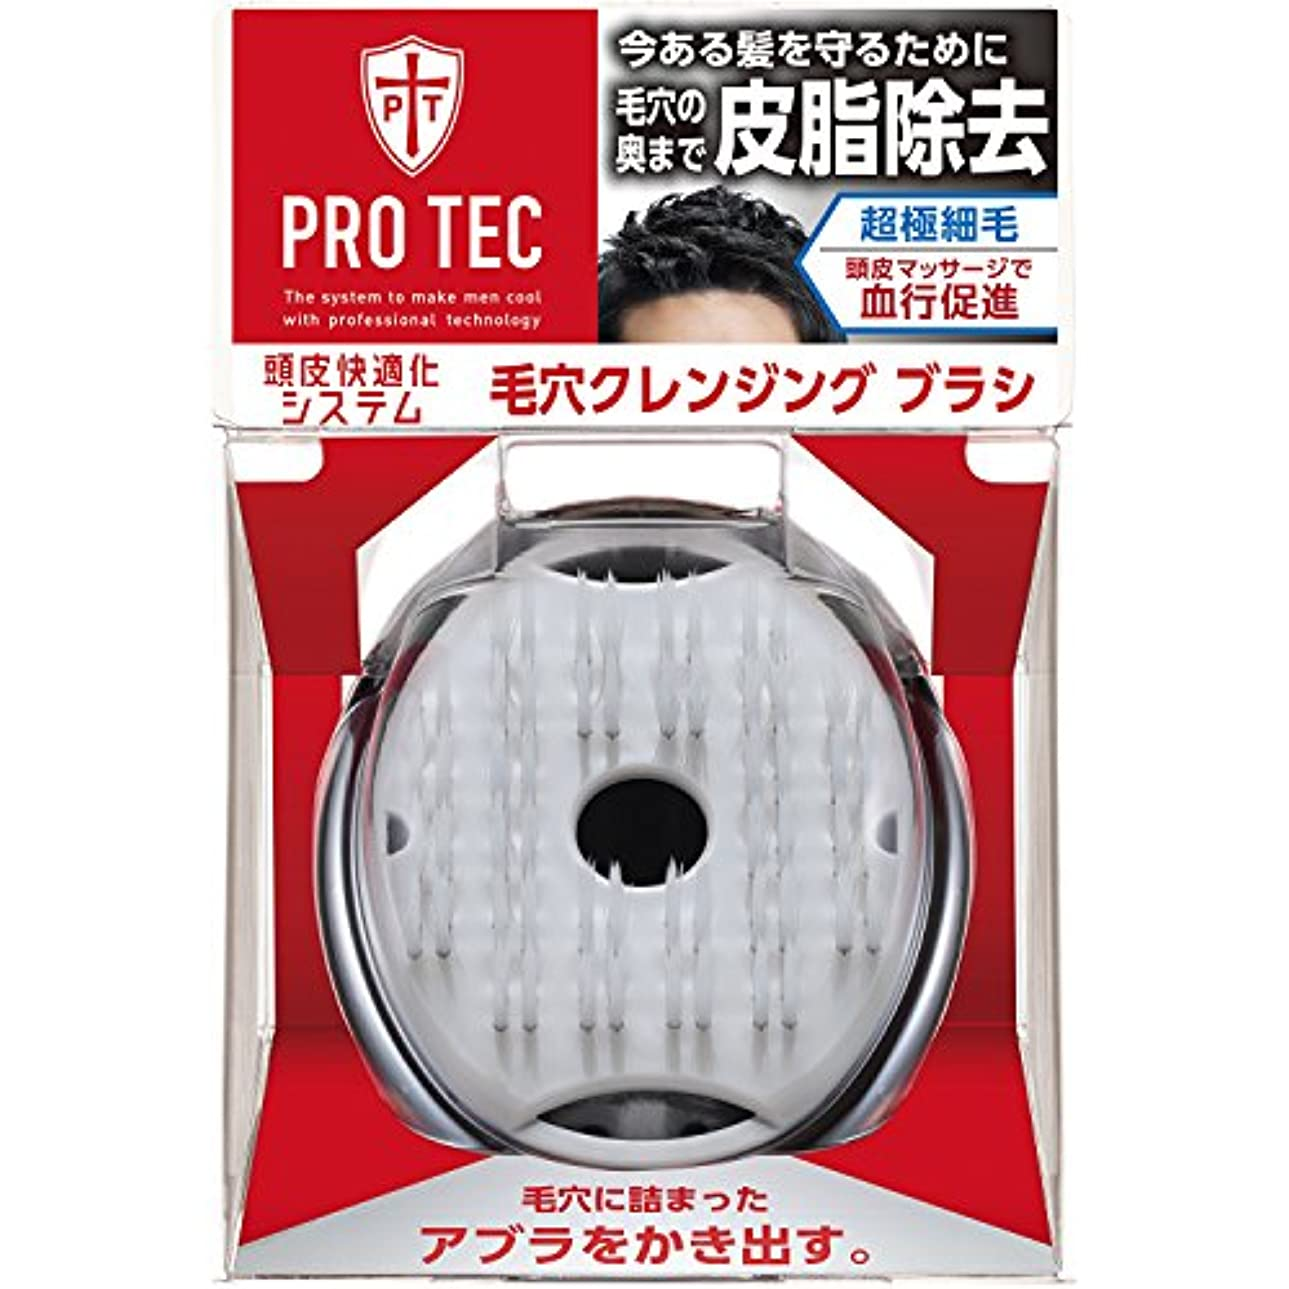 医療の文字通り初心者PRO TEC(プロテク) ウォッシングブラシ 毛穴クレンジングタイプ